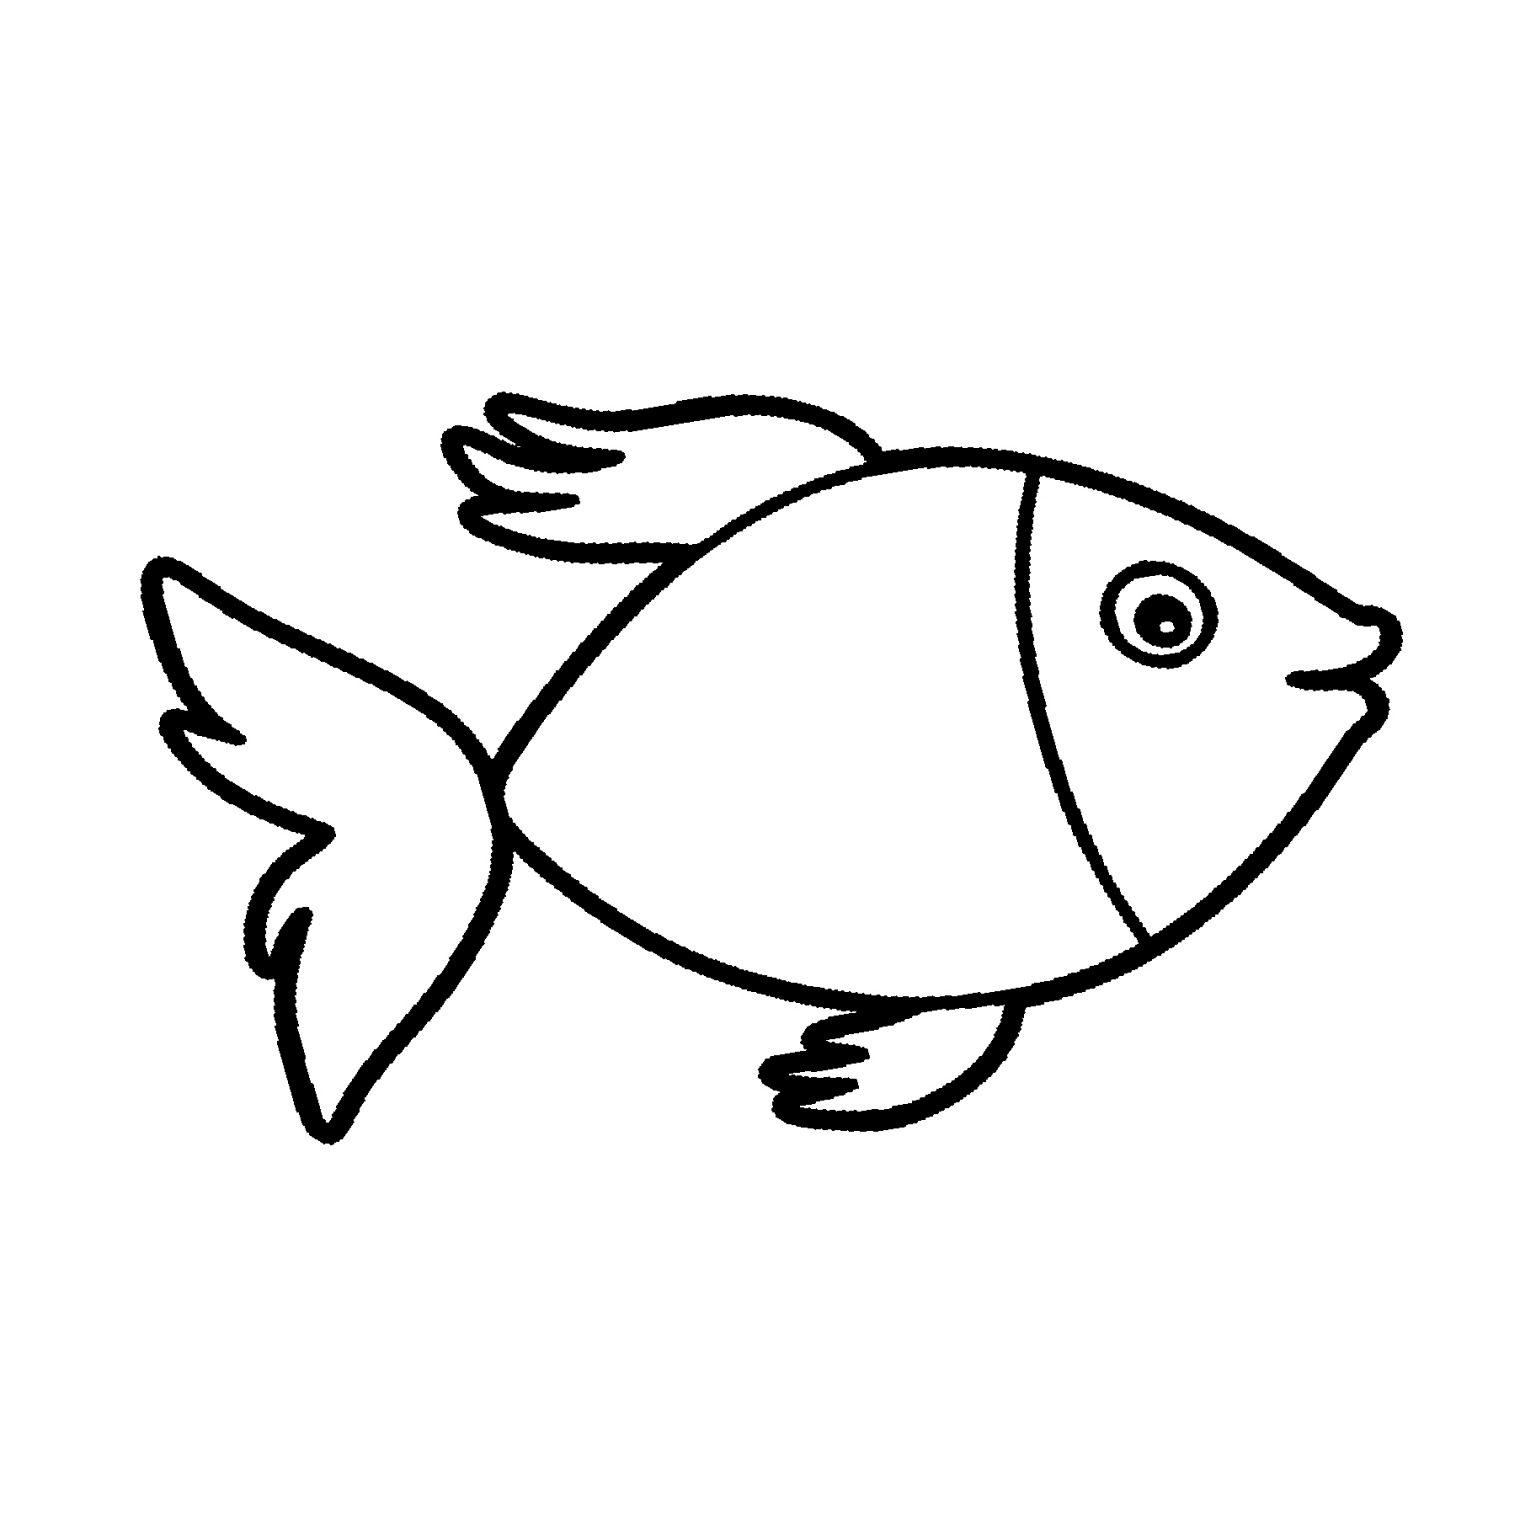 fische ausmalbilder kostenlos malvorlagen windowcolor zum